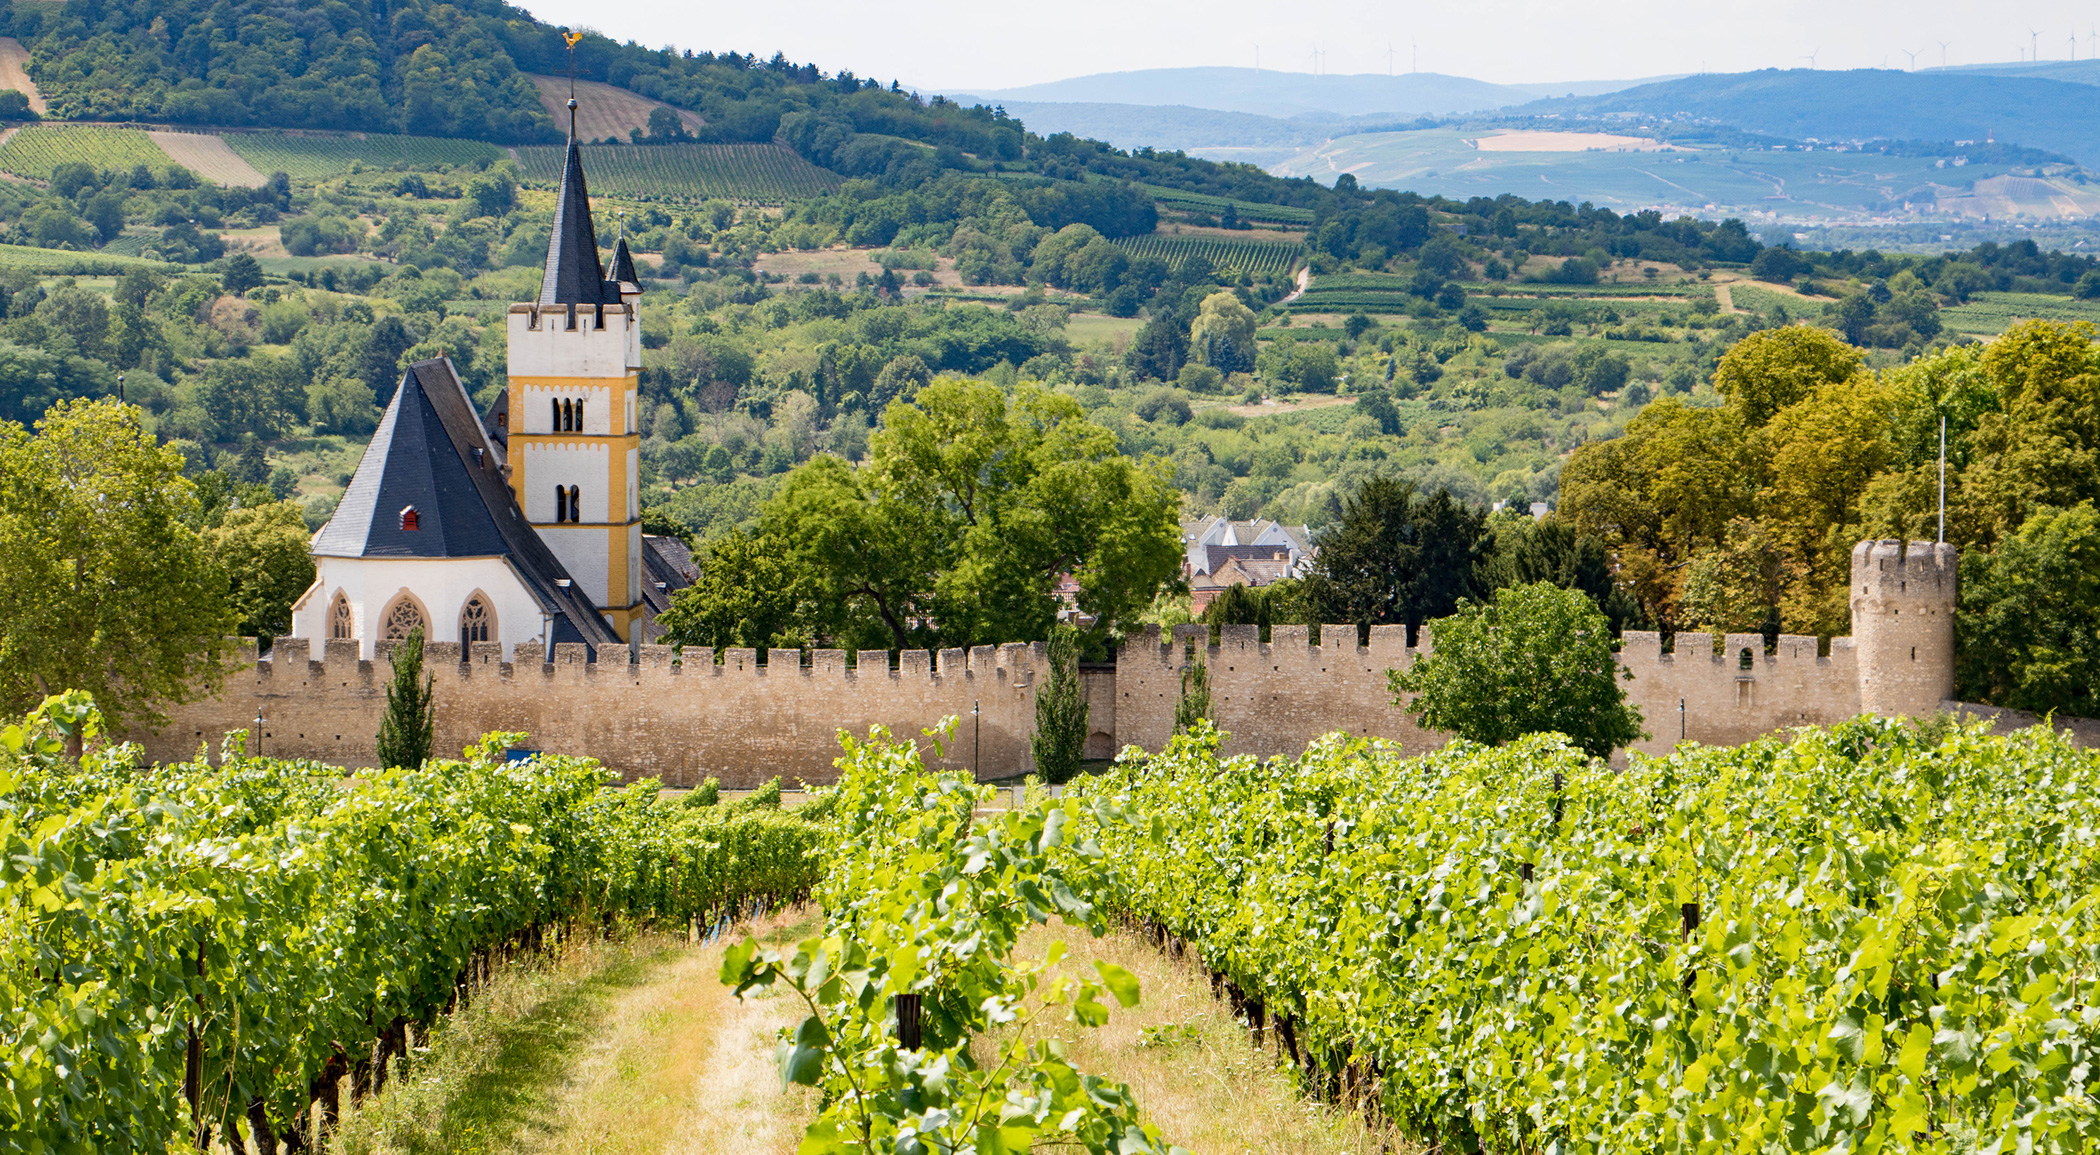 Weinberge mit Burgkirche in Ingelheim